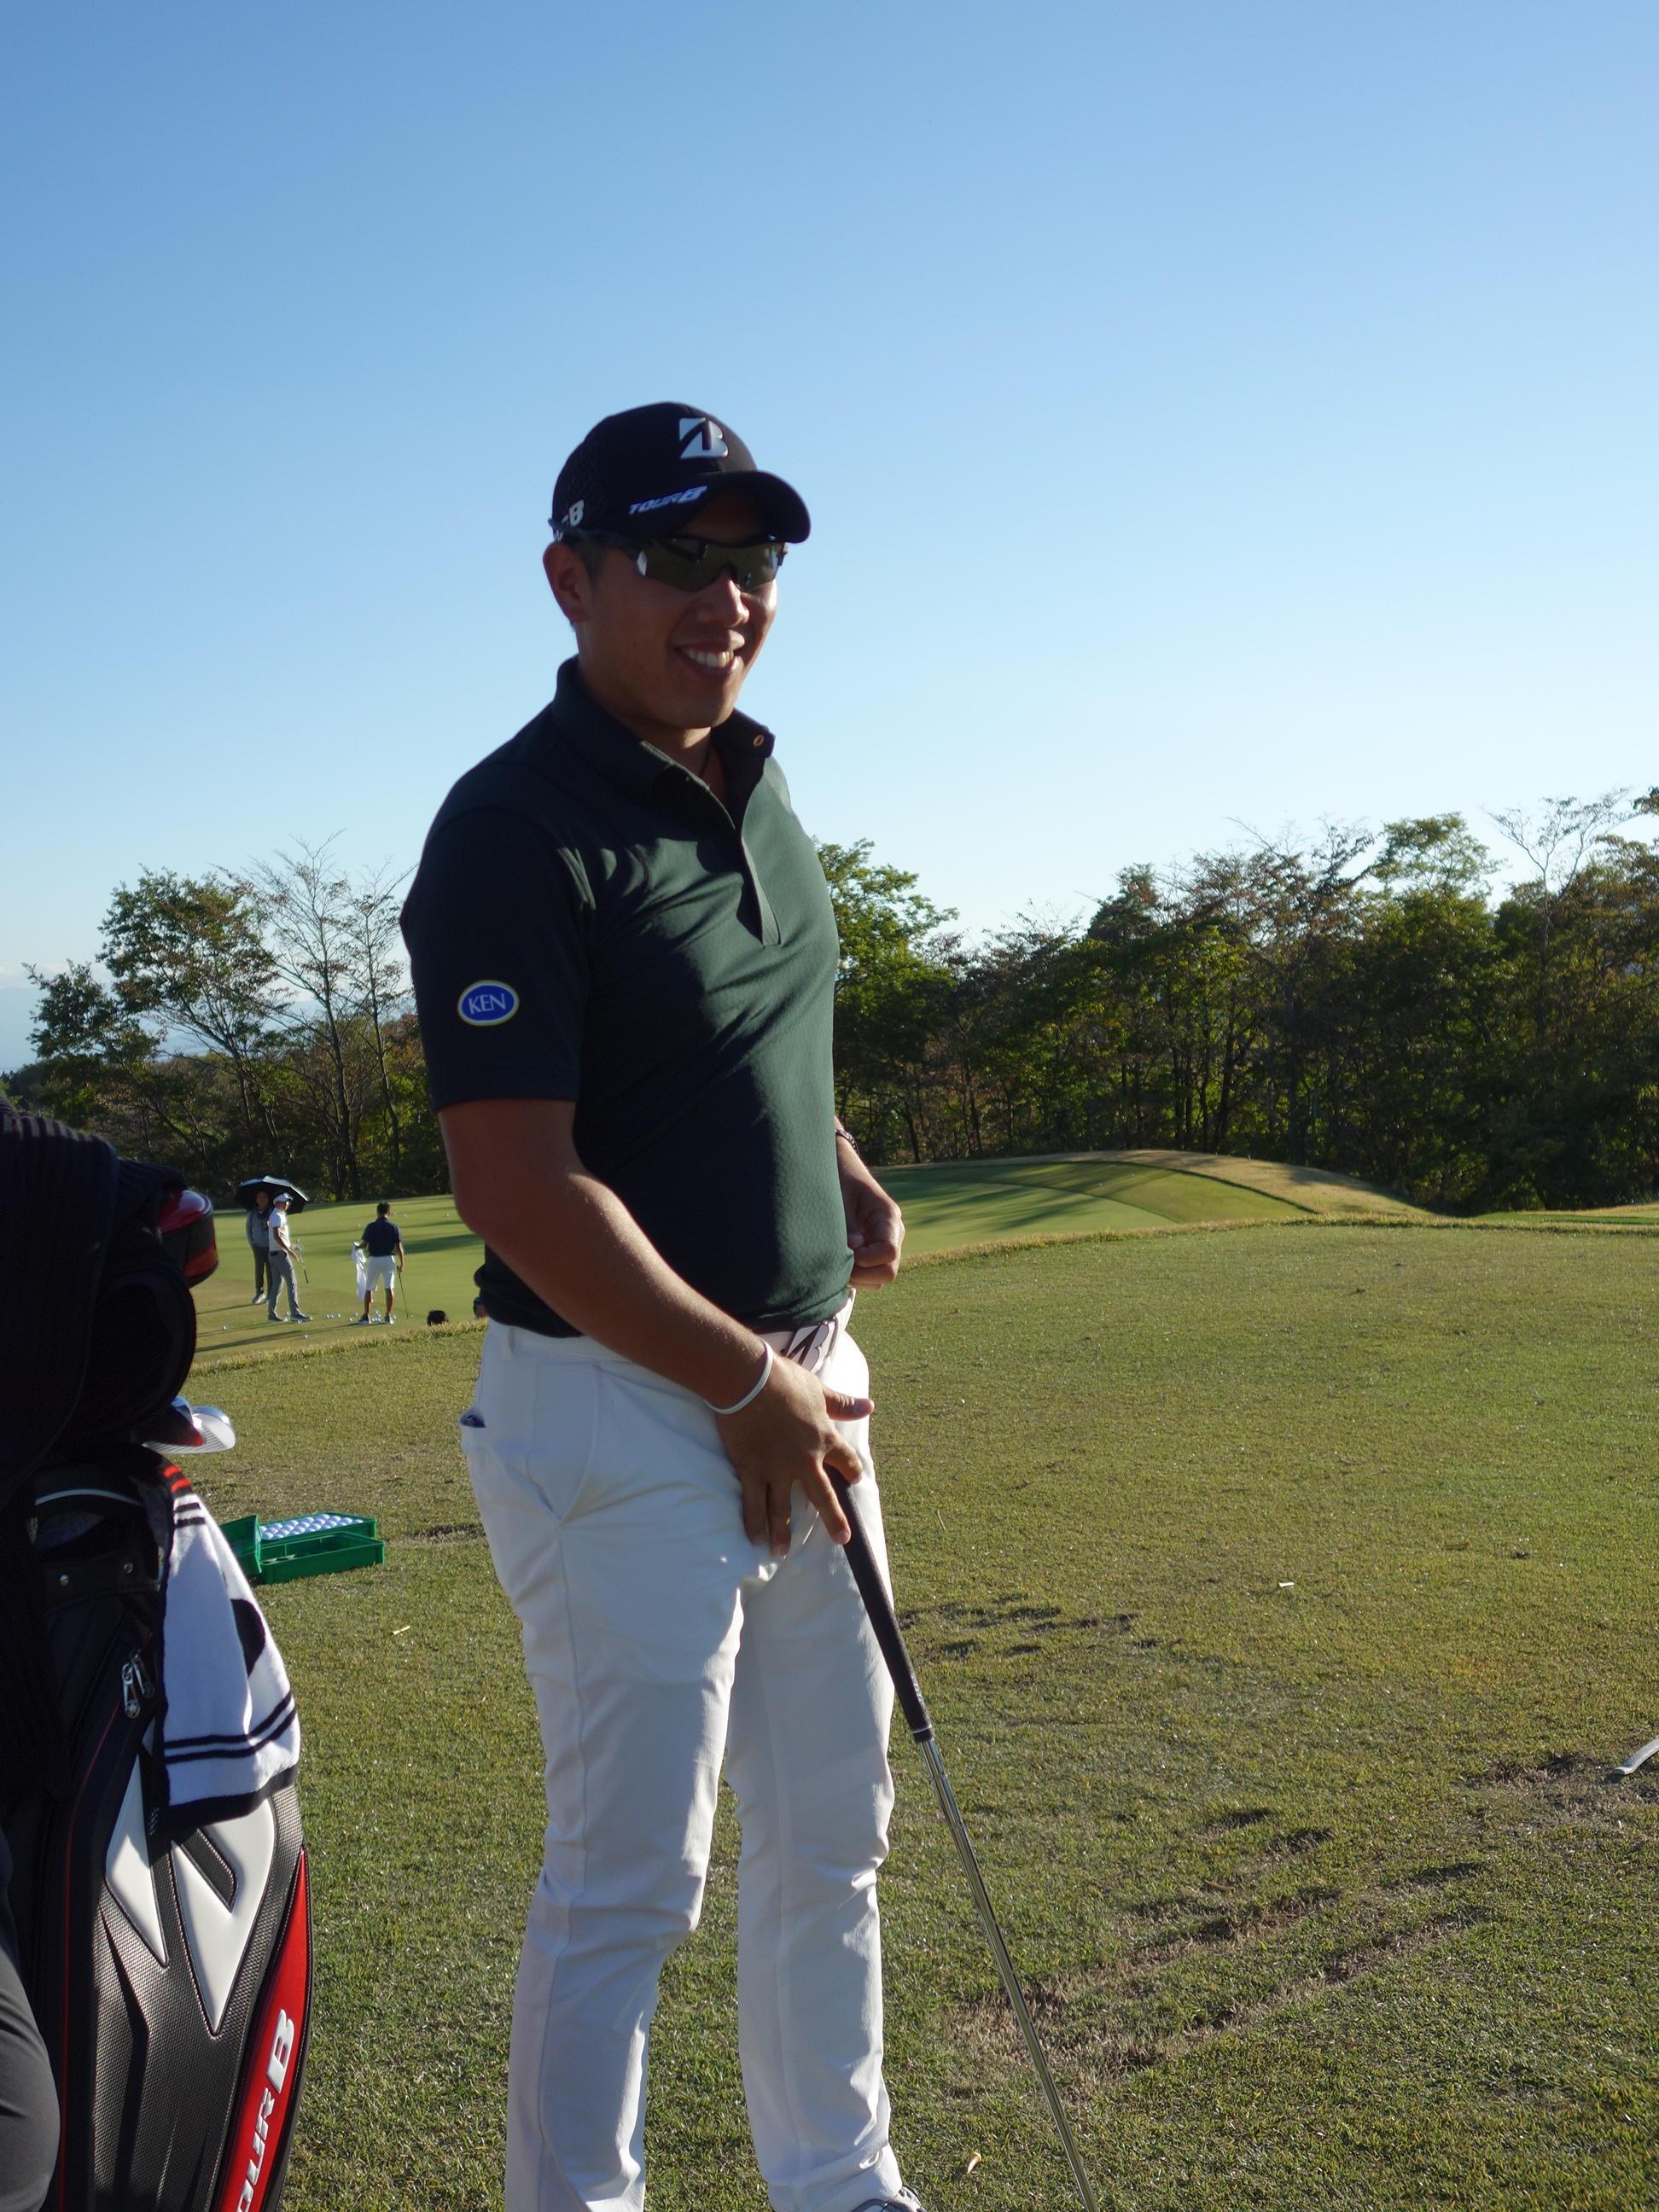 https://www.bs-golf.com/pro/cd41e465fca1d742821640bae1be545a0aea0806.JPG